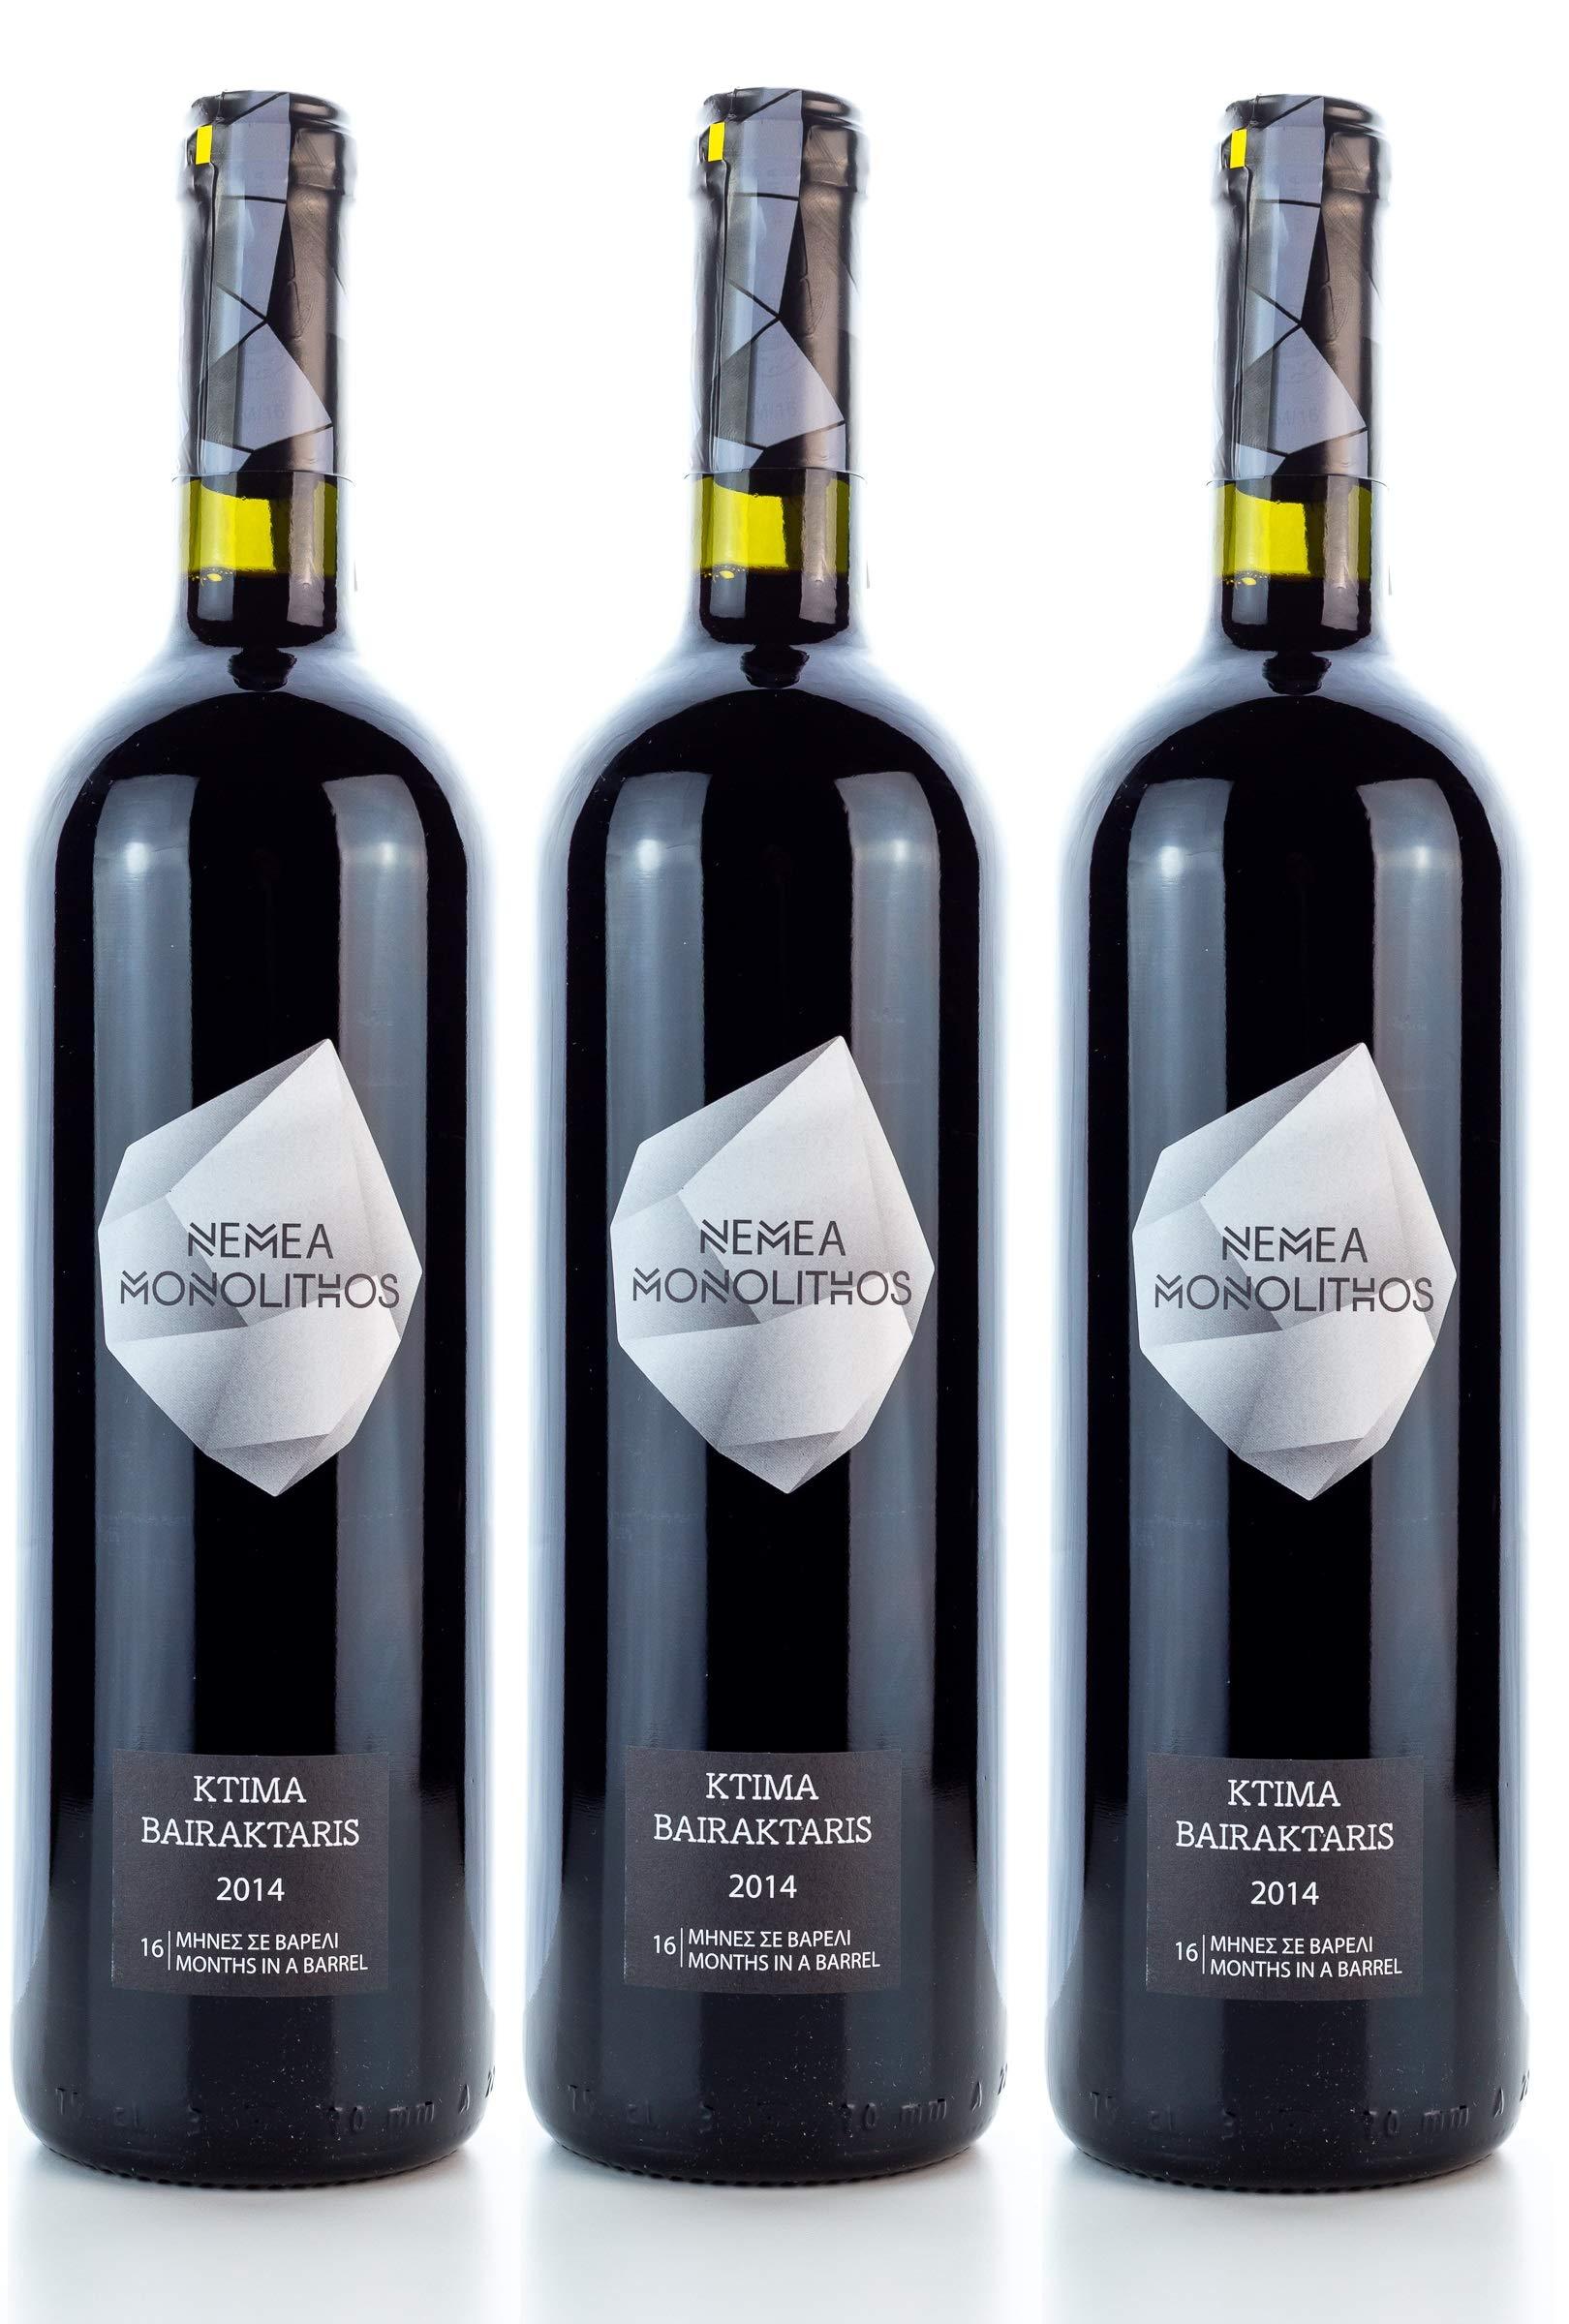 Sparset-3-x-Monolithos-Rotwein-trocken-PDO-Baraiktaris-Agiortiko-750ml-133-10-ml-Olivenl-aus-Griechenland-im-Sachet